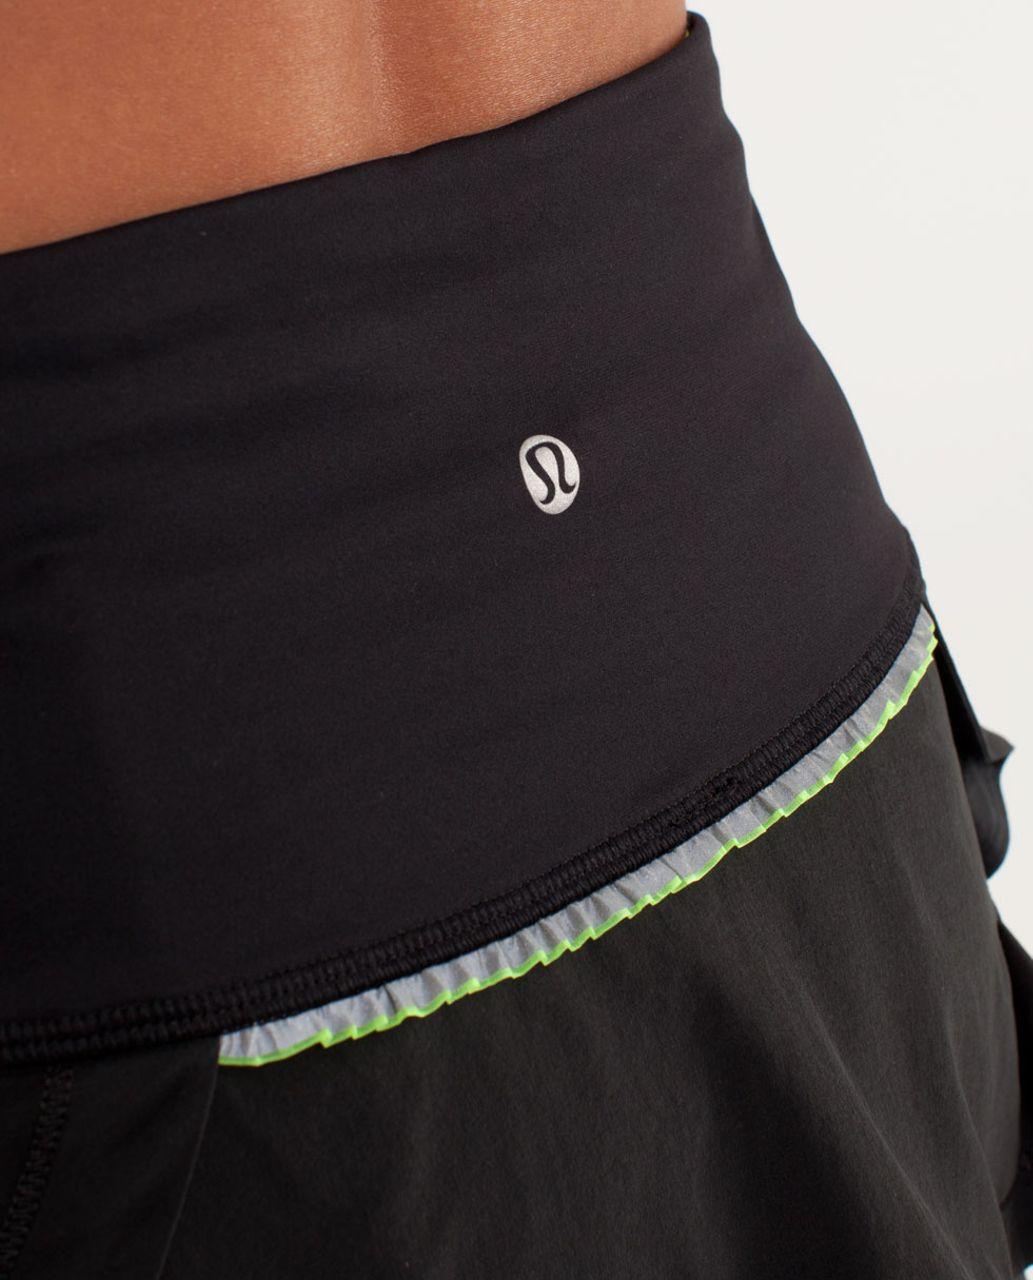 Lululemon Presta Skirt - Black